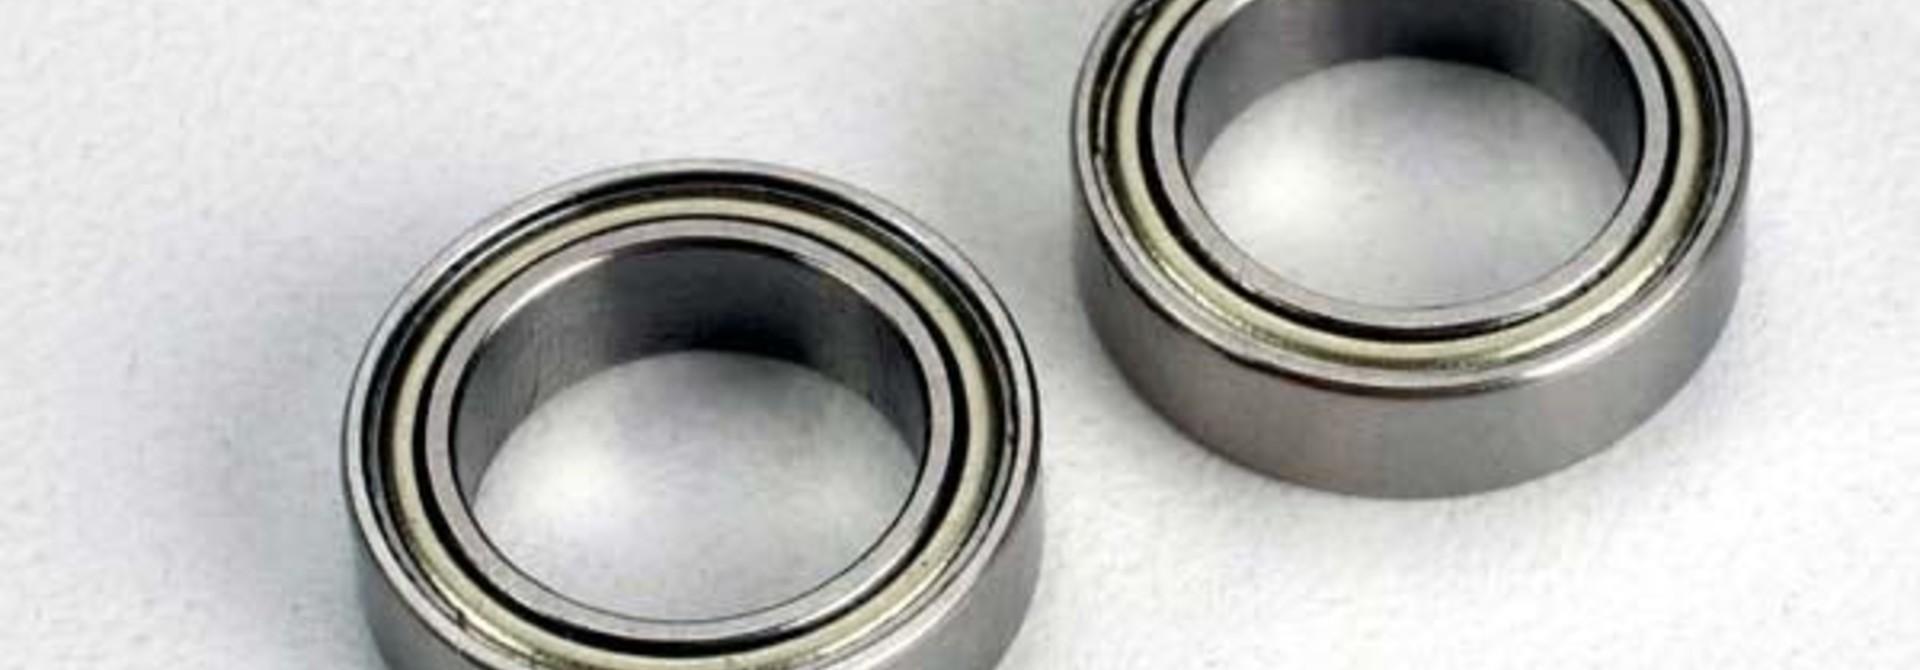 Ball bearings (10x15x4mm) (2), TRX4612